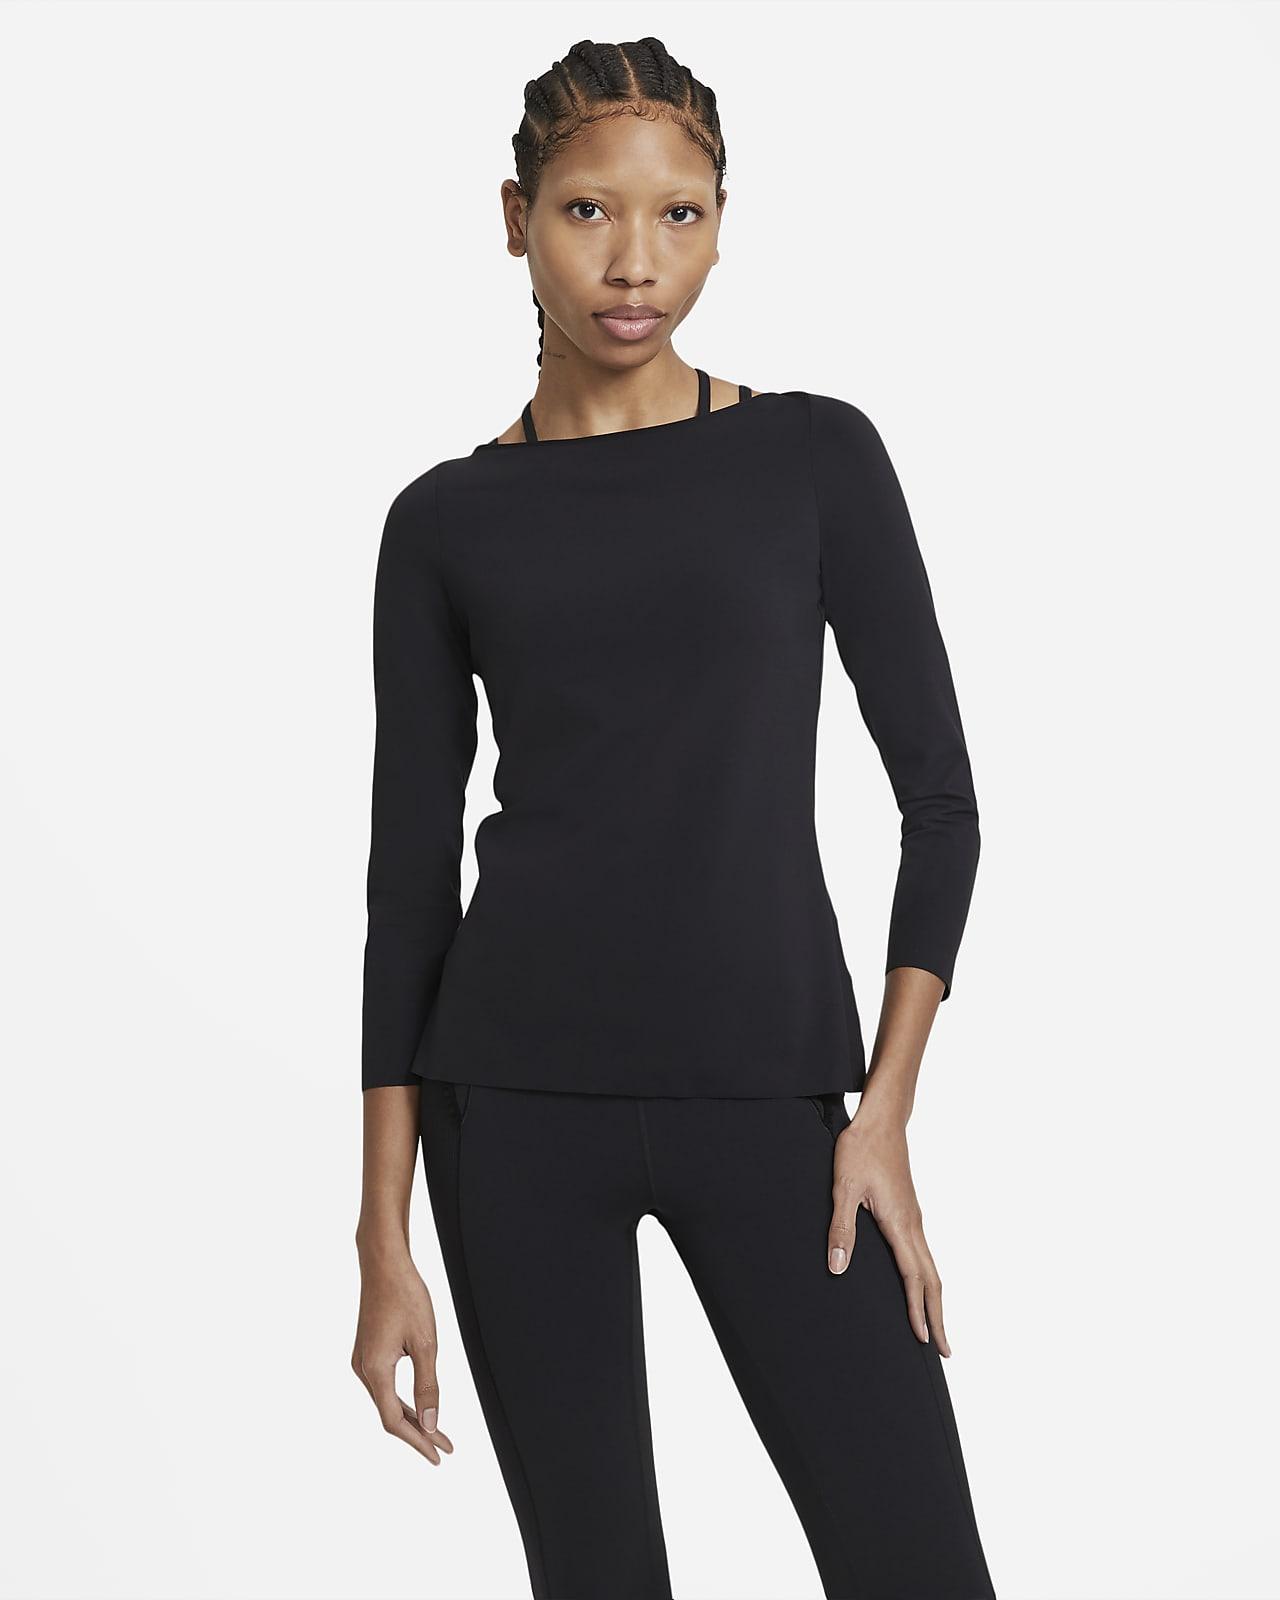 Γυναικεία μακρυμάνικη μπλούζα Nike Yoga Luxe